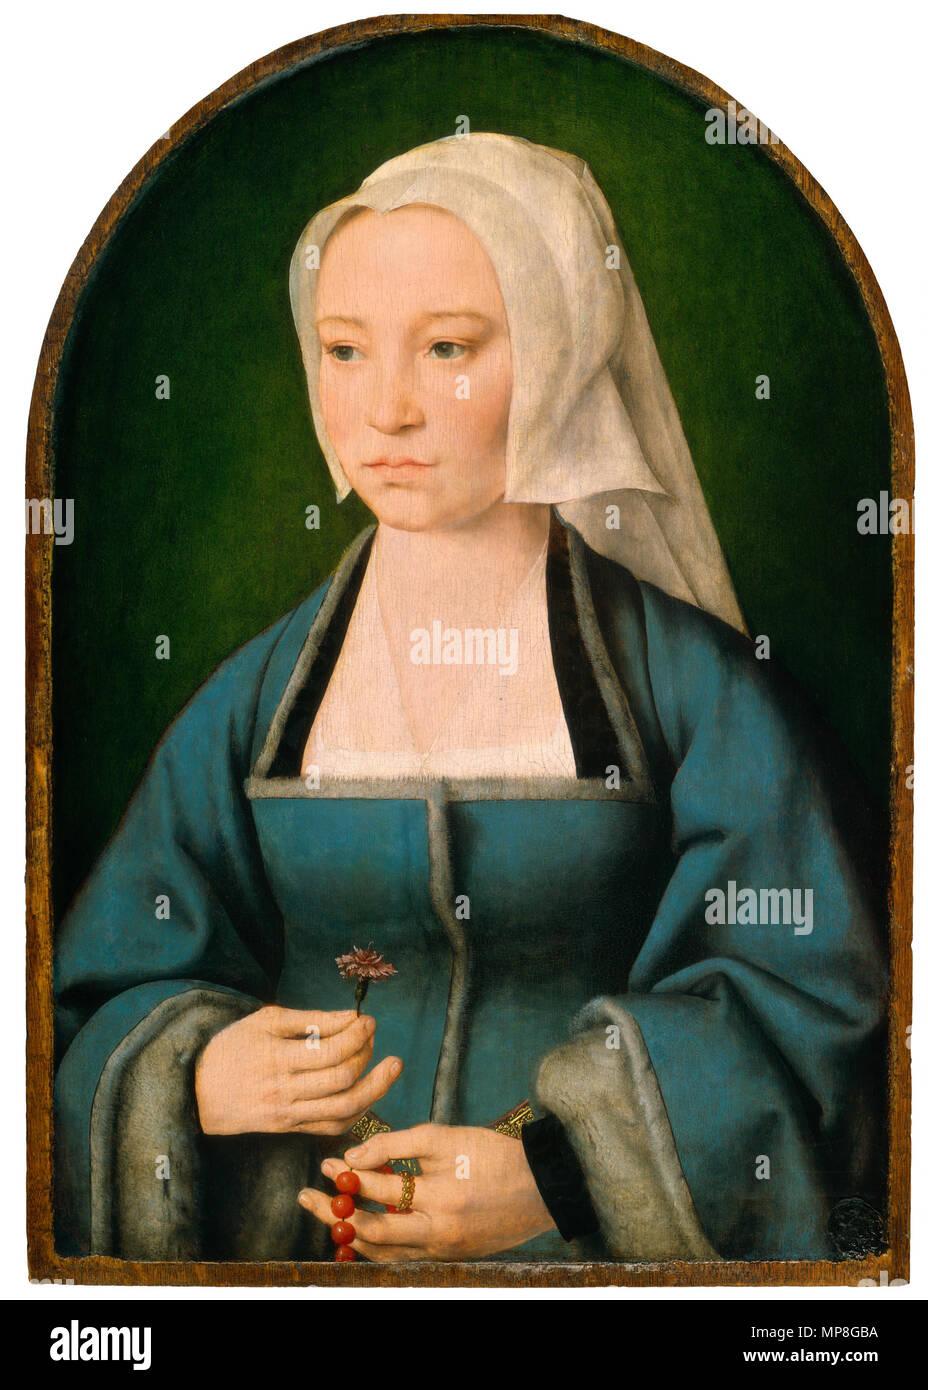 Malerei; Öl auf Leinwand; bemalte Fläche: 55,1 x 37,2 cm (21 11/16 x 14 5/8 in.) Insgesamt (Panel, oben gerundet): 57,1 x 39,6 cm (22 1/2 x 15 9/16 in.) gerahmt: 66 x 48,9 cm (26 x 19 1/4 in.);. Margaretha Boghe, Ehefrau von Joris Vezeleer. ca. 1518. 737 Joos van Cleve 012 ein Stockbild